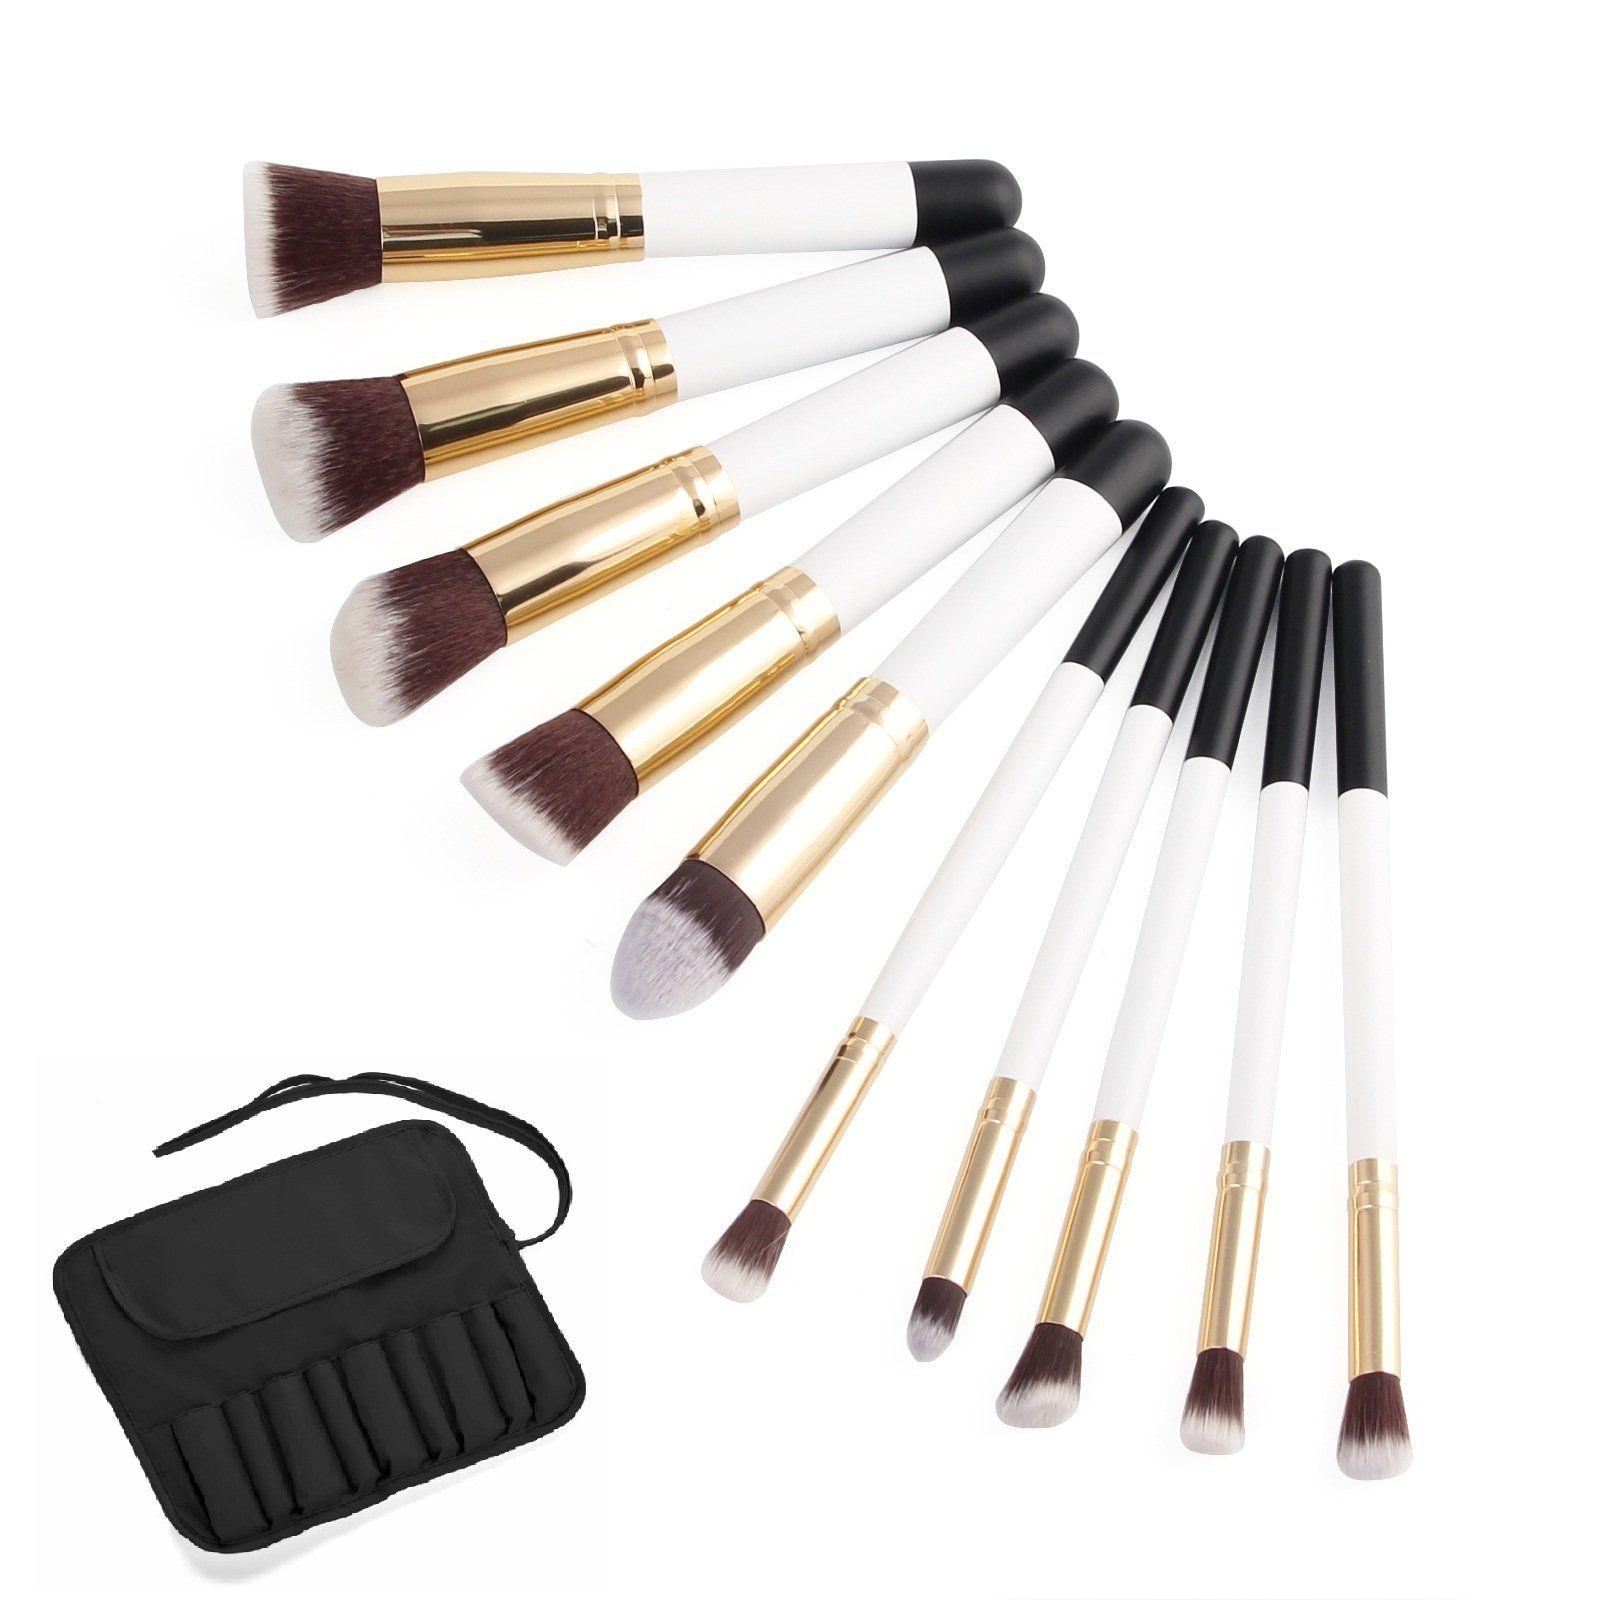 Makeup Brushes Set 10pcs, EROKAY Professional Foundation